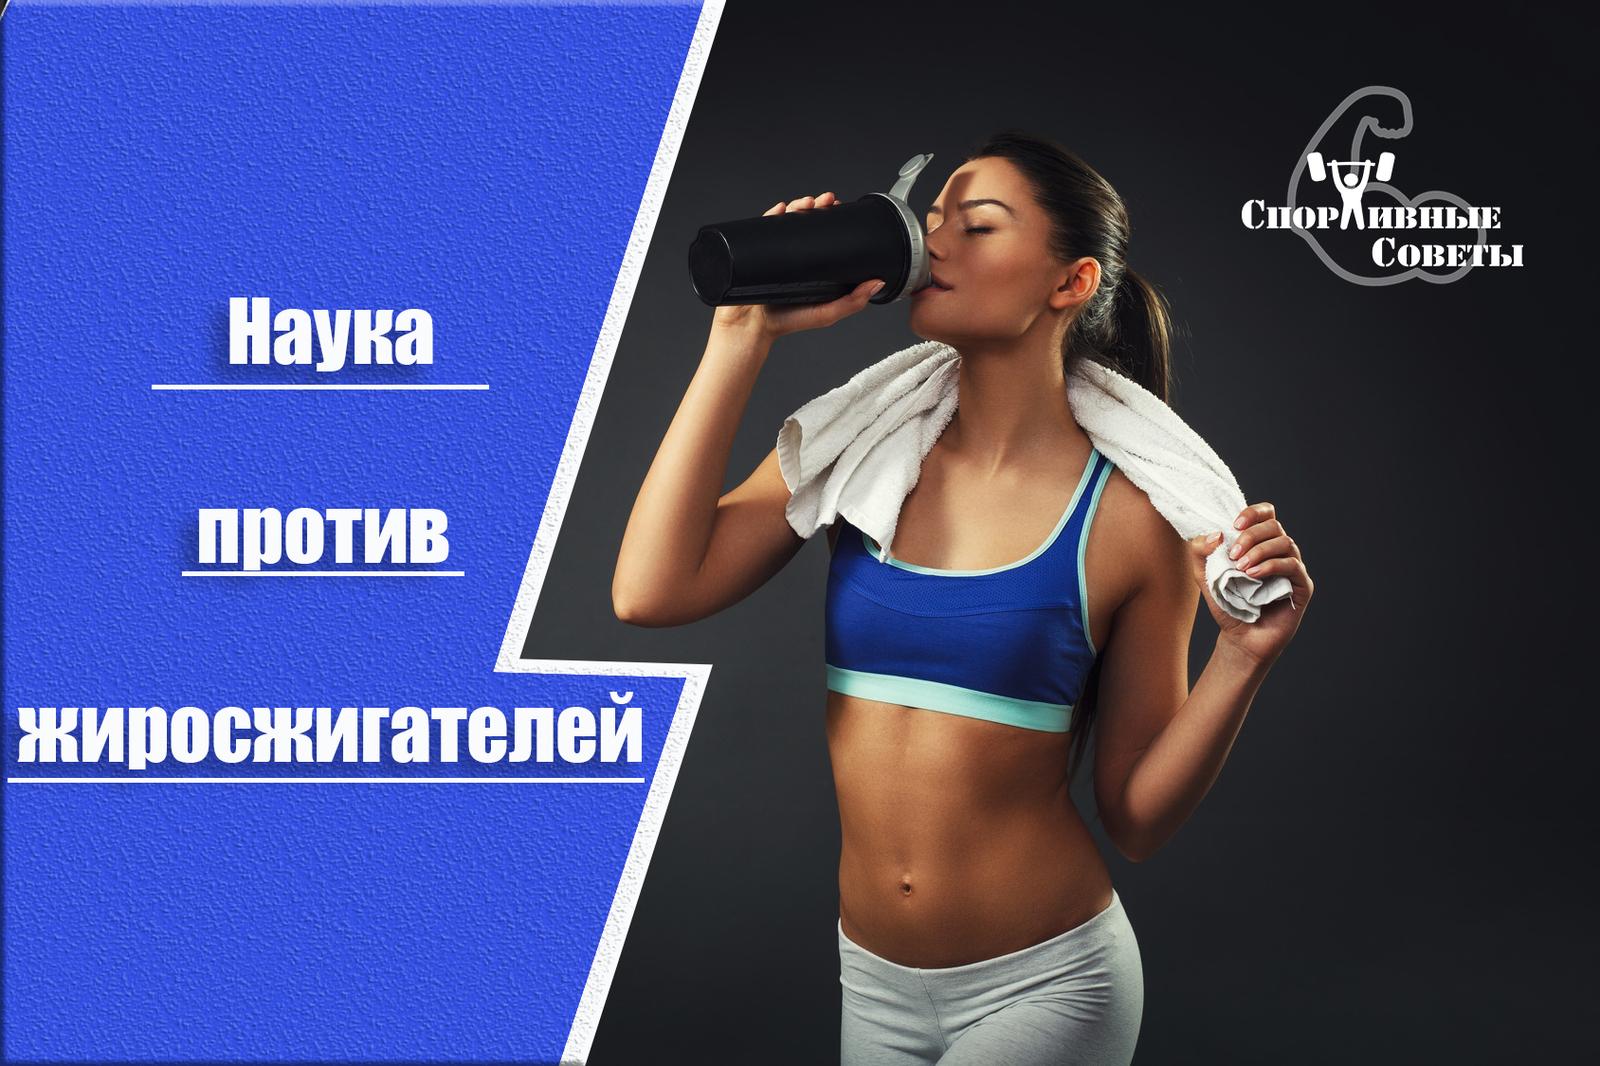 Как похудеть с жиросжигателем эка - дозировка, инструкция по применению, состав и противопоказания. эфедрин, кофеин, аспирин - последствия и противопоказания